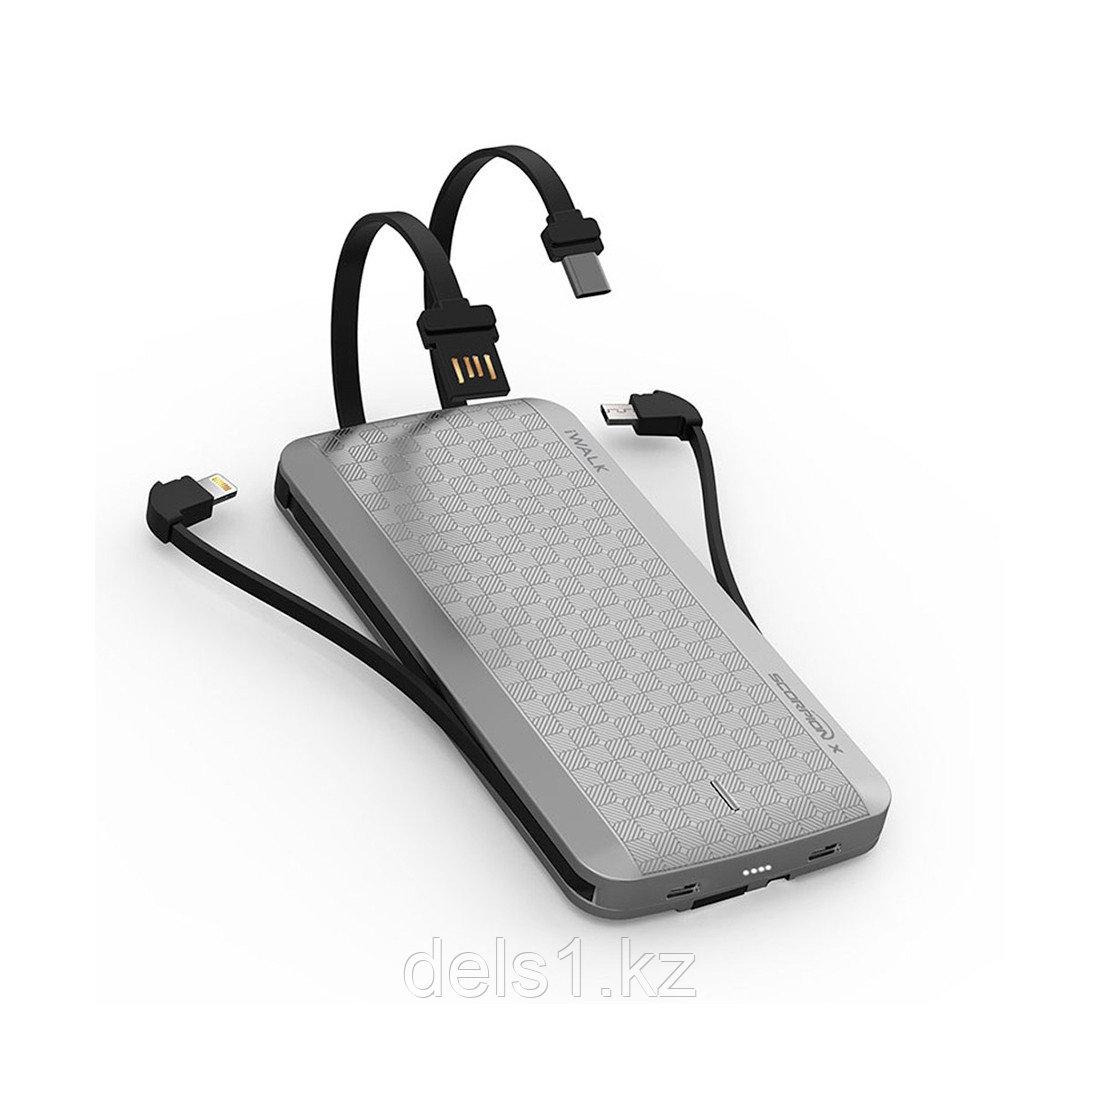 Портативное зарядное устройство iWalk UBT8000X Silver